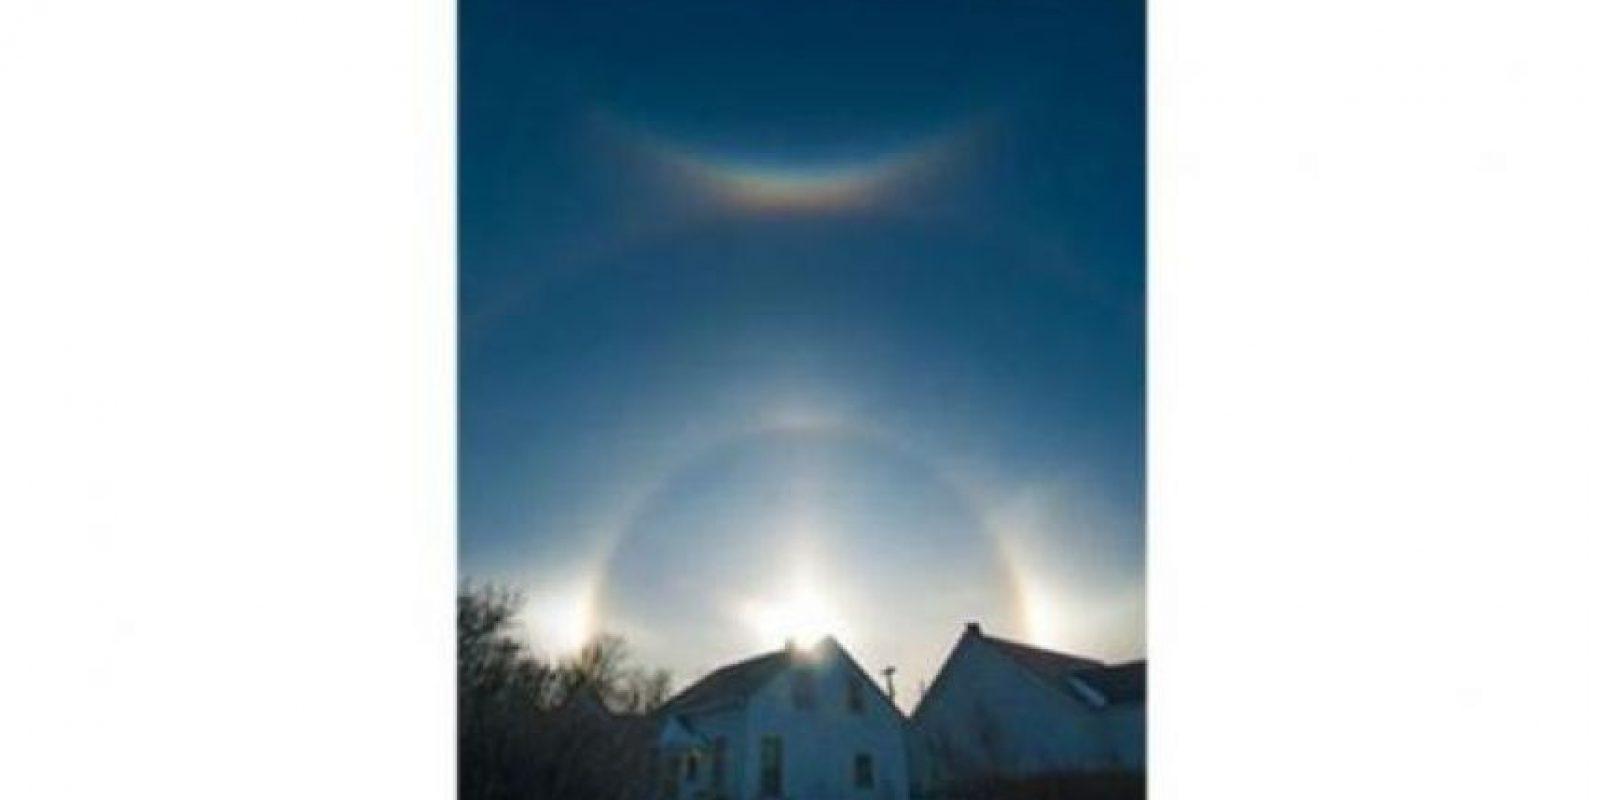 Según el meteorólogo Nick Wiltgen Foto:facebook.com/TheWeatherChannel/photos